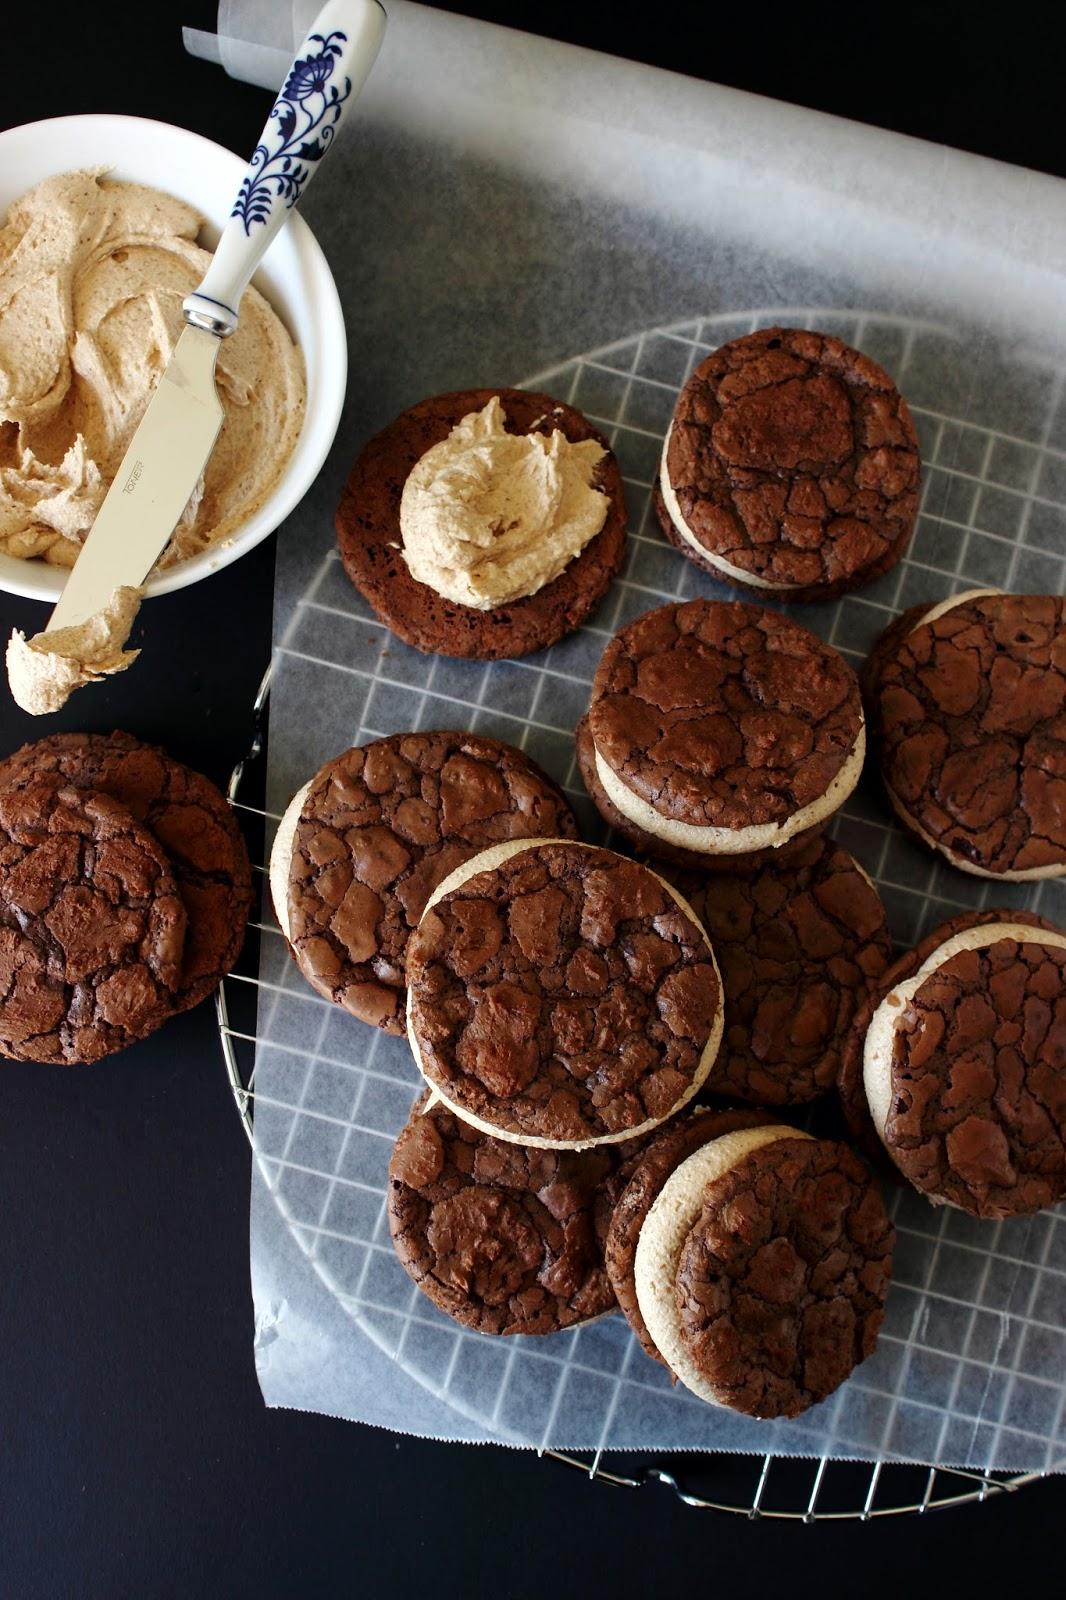 Brownie koekjes met pindakaasvulling